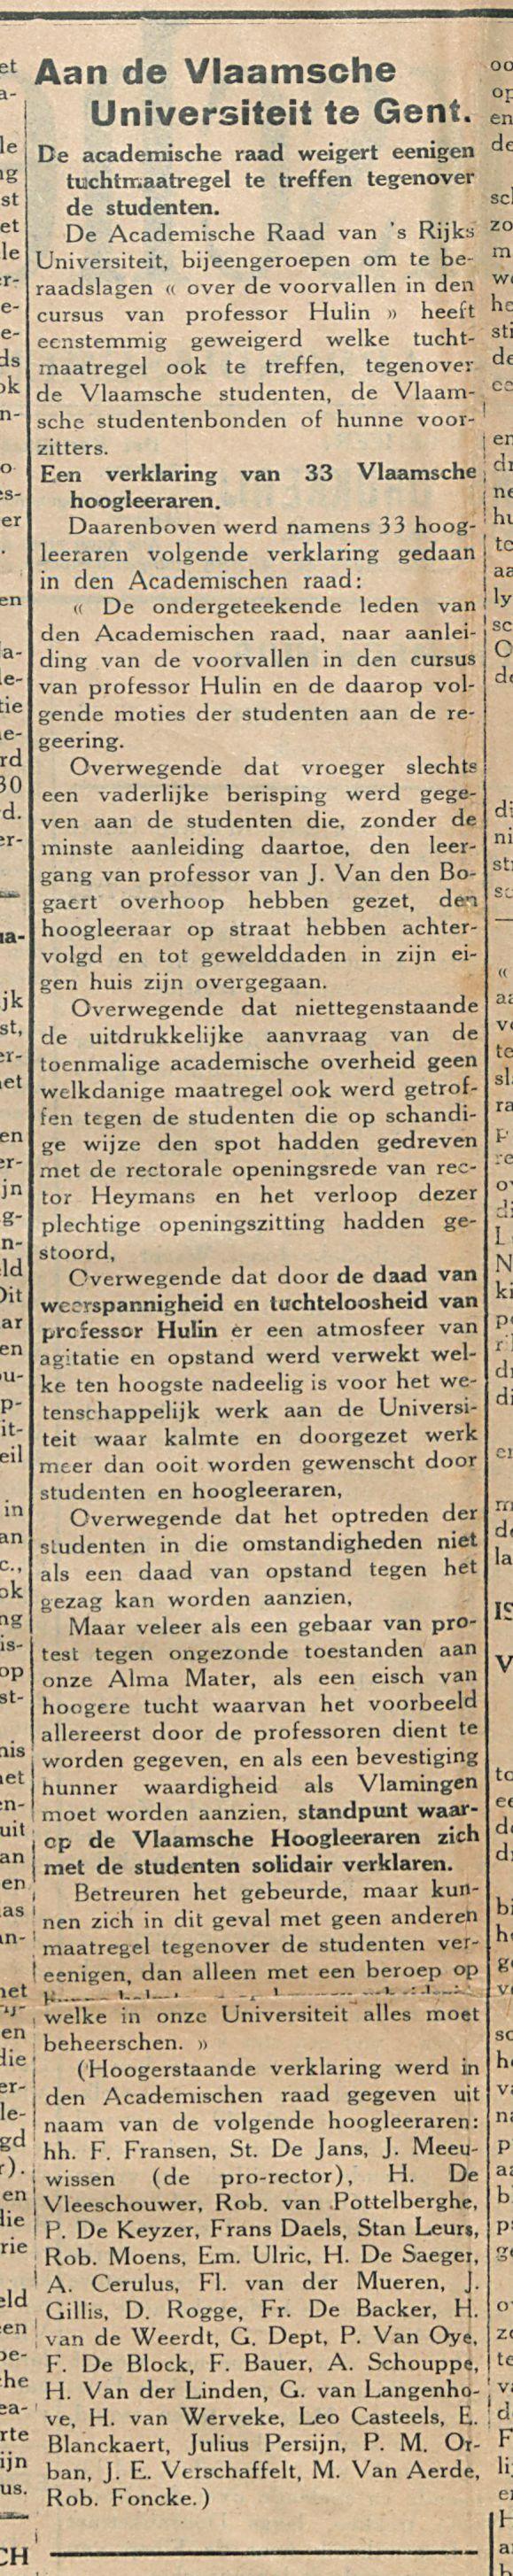 Aan de Vlaamsche Universiteit te Gent